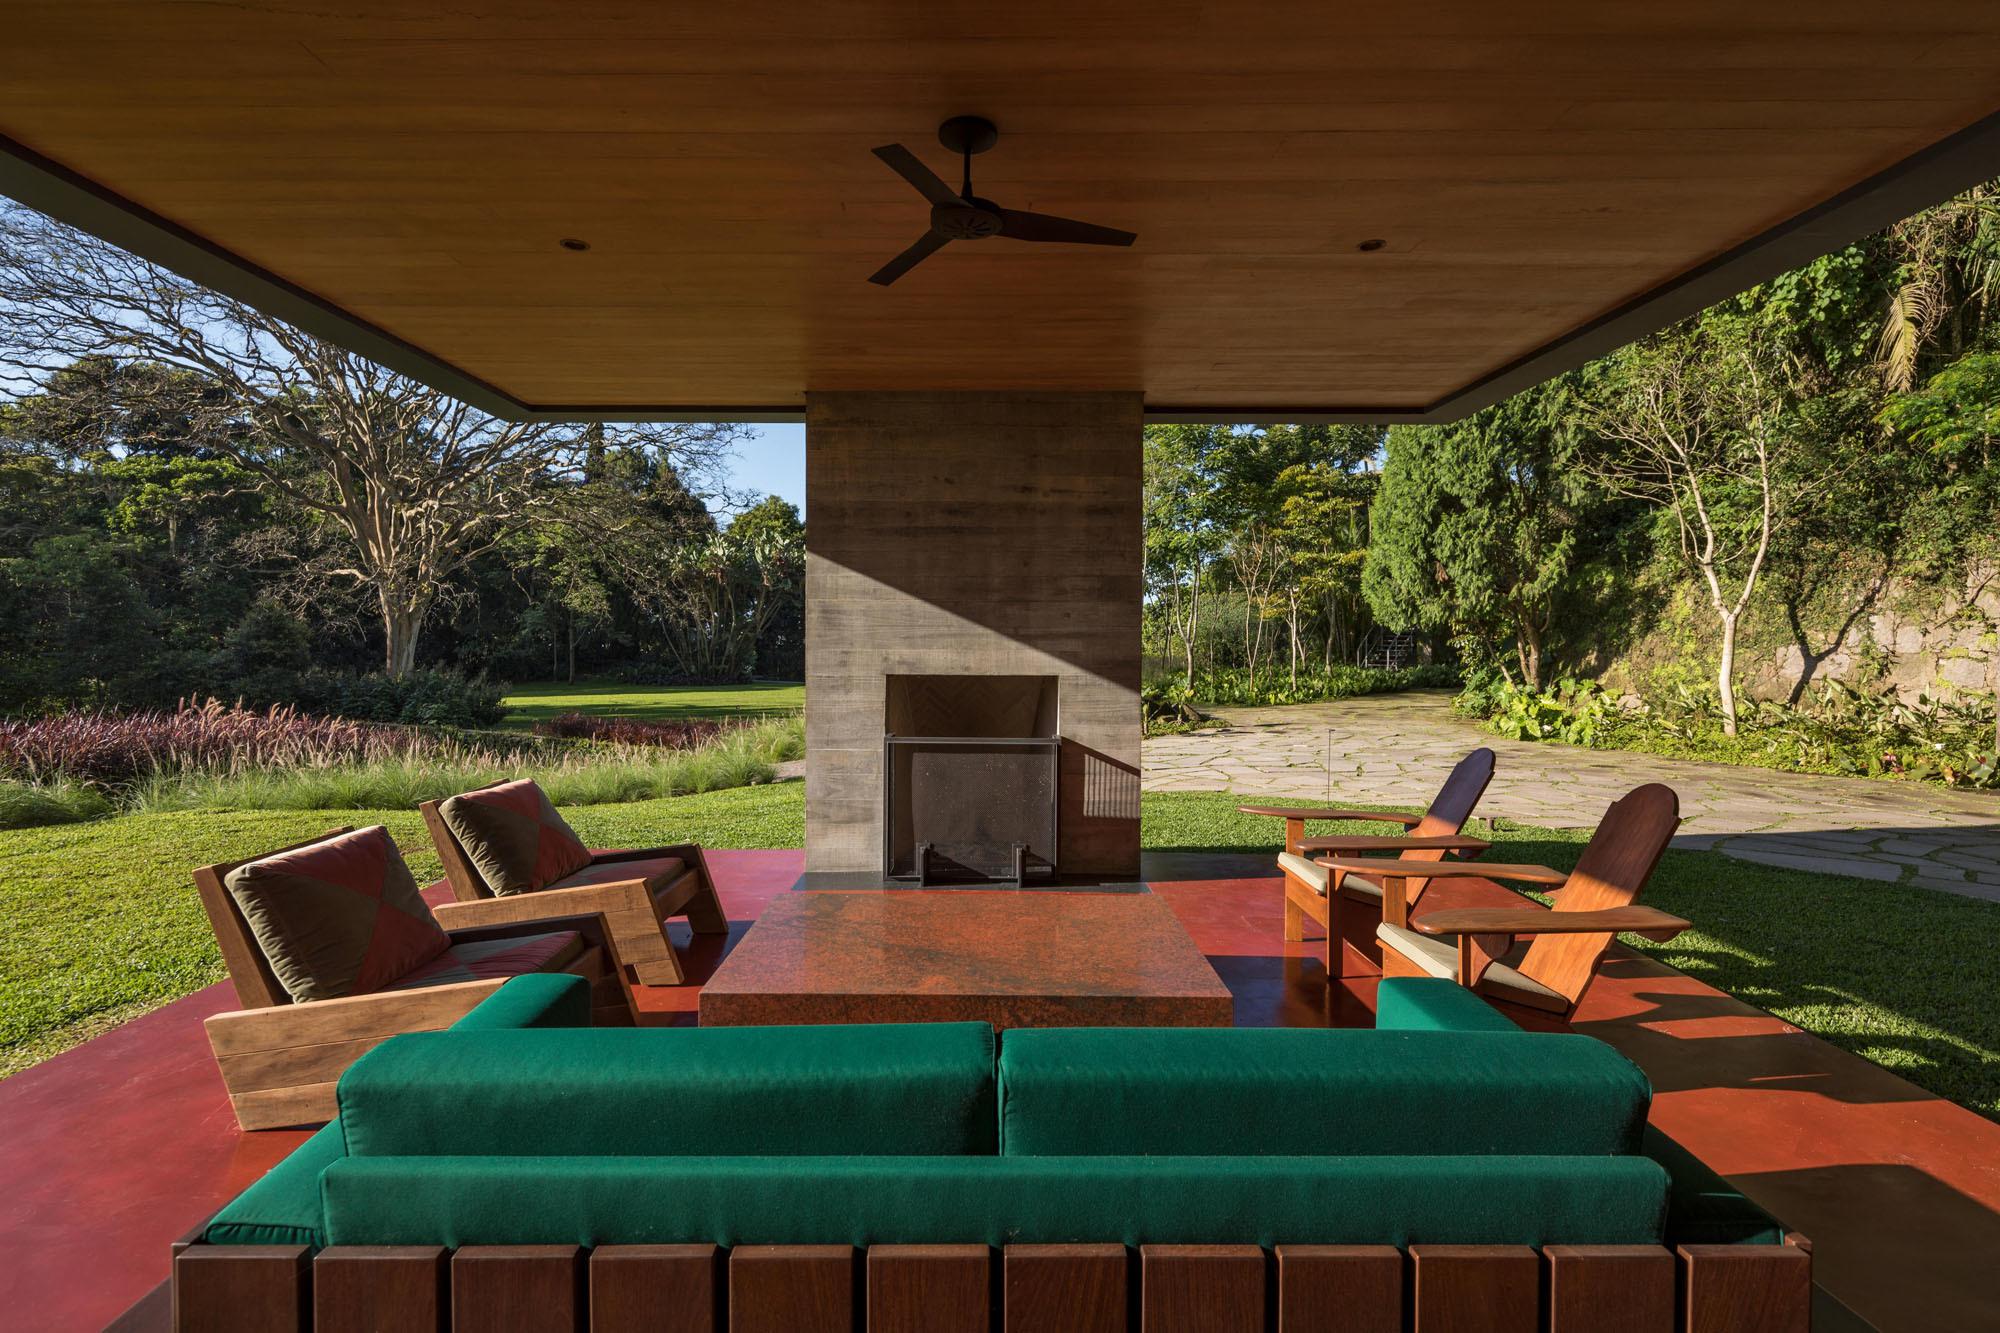 Unterhalb des schwebenden Volumens entstand ein überdachter Außenraum, der sich wiederum durch eine Bodenplatte aus Beton von den umliegenden Rasenflächen abhebt. Weder Wände, Schiebetüren, Fenster noch Vorhänge schirmen diesen Bereich von der Natur ab.